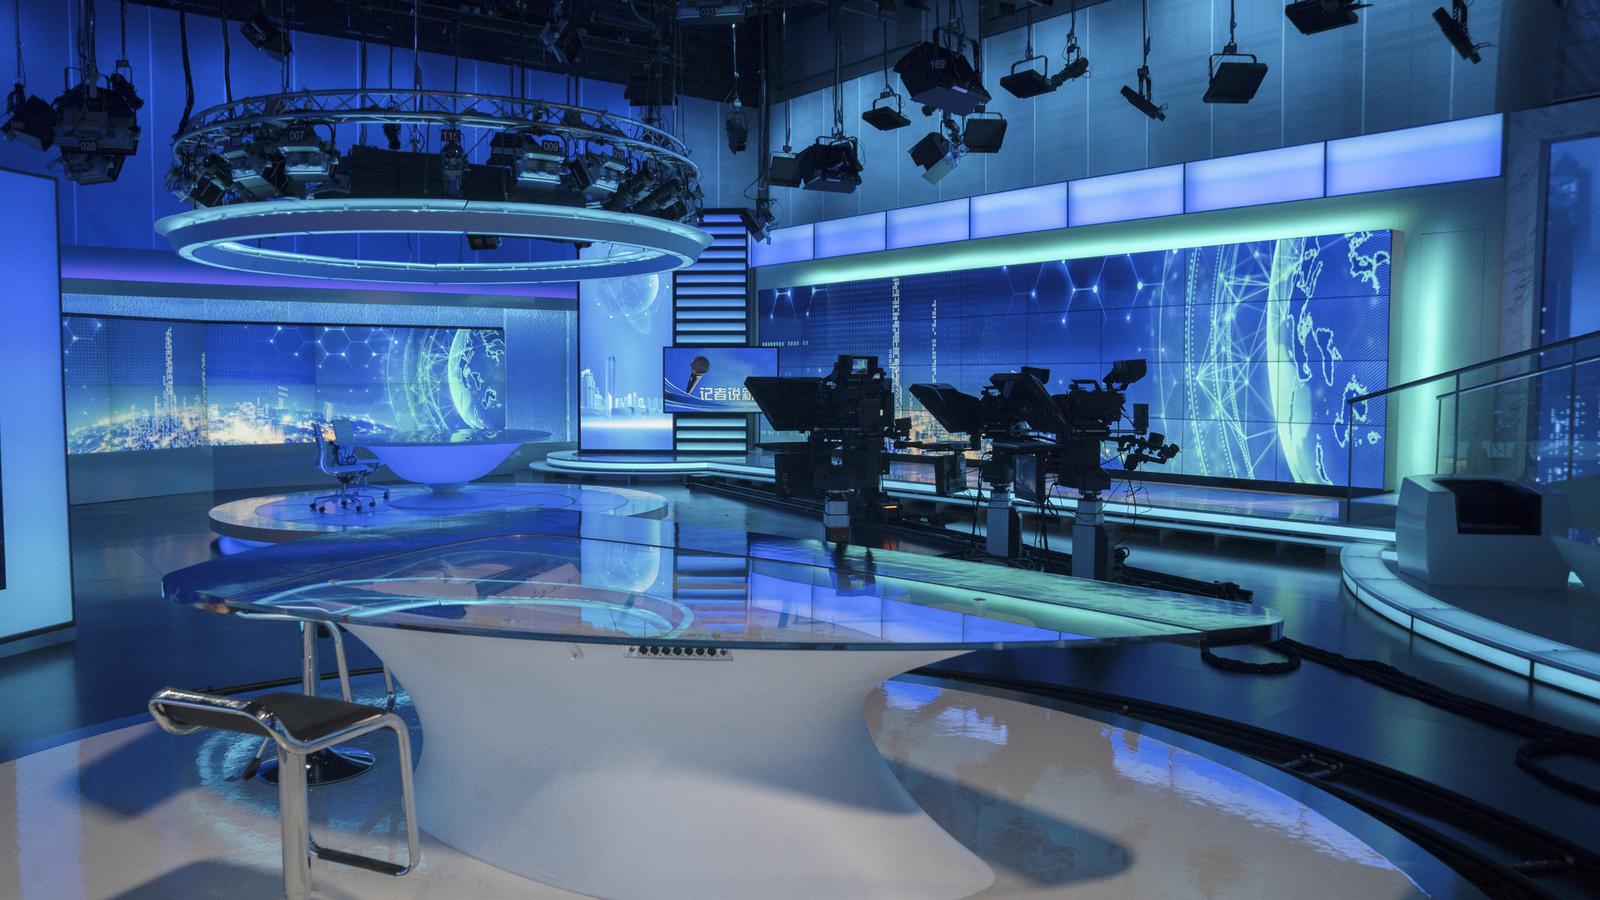 NCS_Beijing-Media-Group-BTV-studio_085